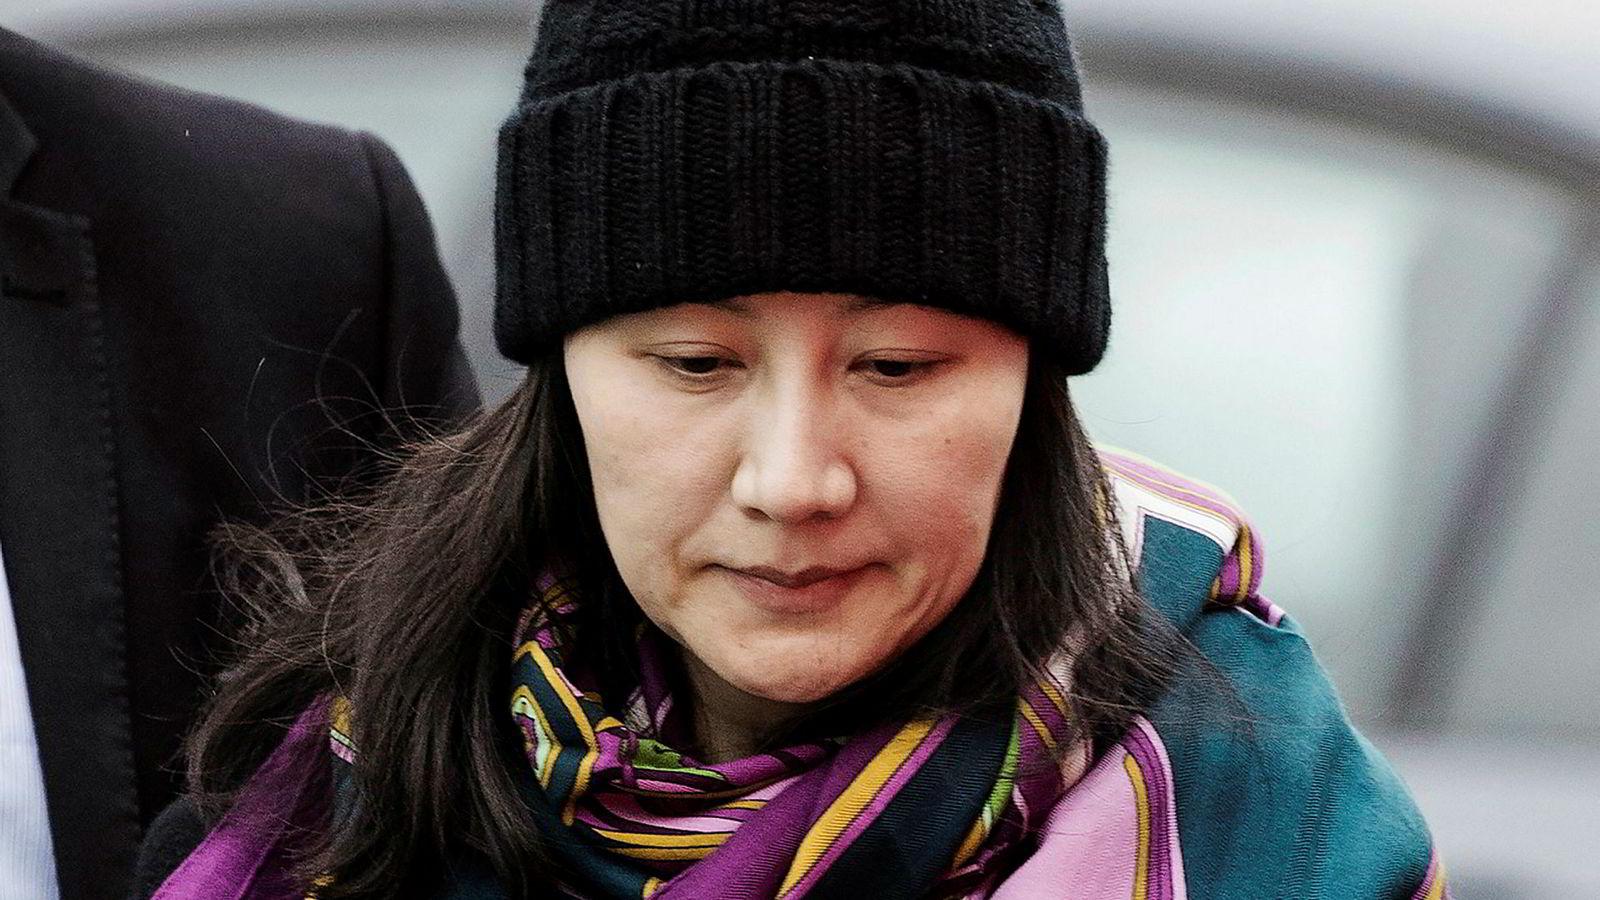 Huaweis finansdirektør Meng Wanzhou ble arrestert i Vancouver for to måneder siden og risikerer å bli utlevert til USA. Pågripelsen har ført til en diplomatisk krise mellom Canada, USA og Kina.